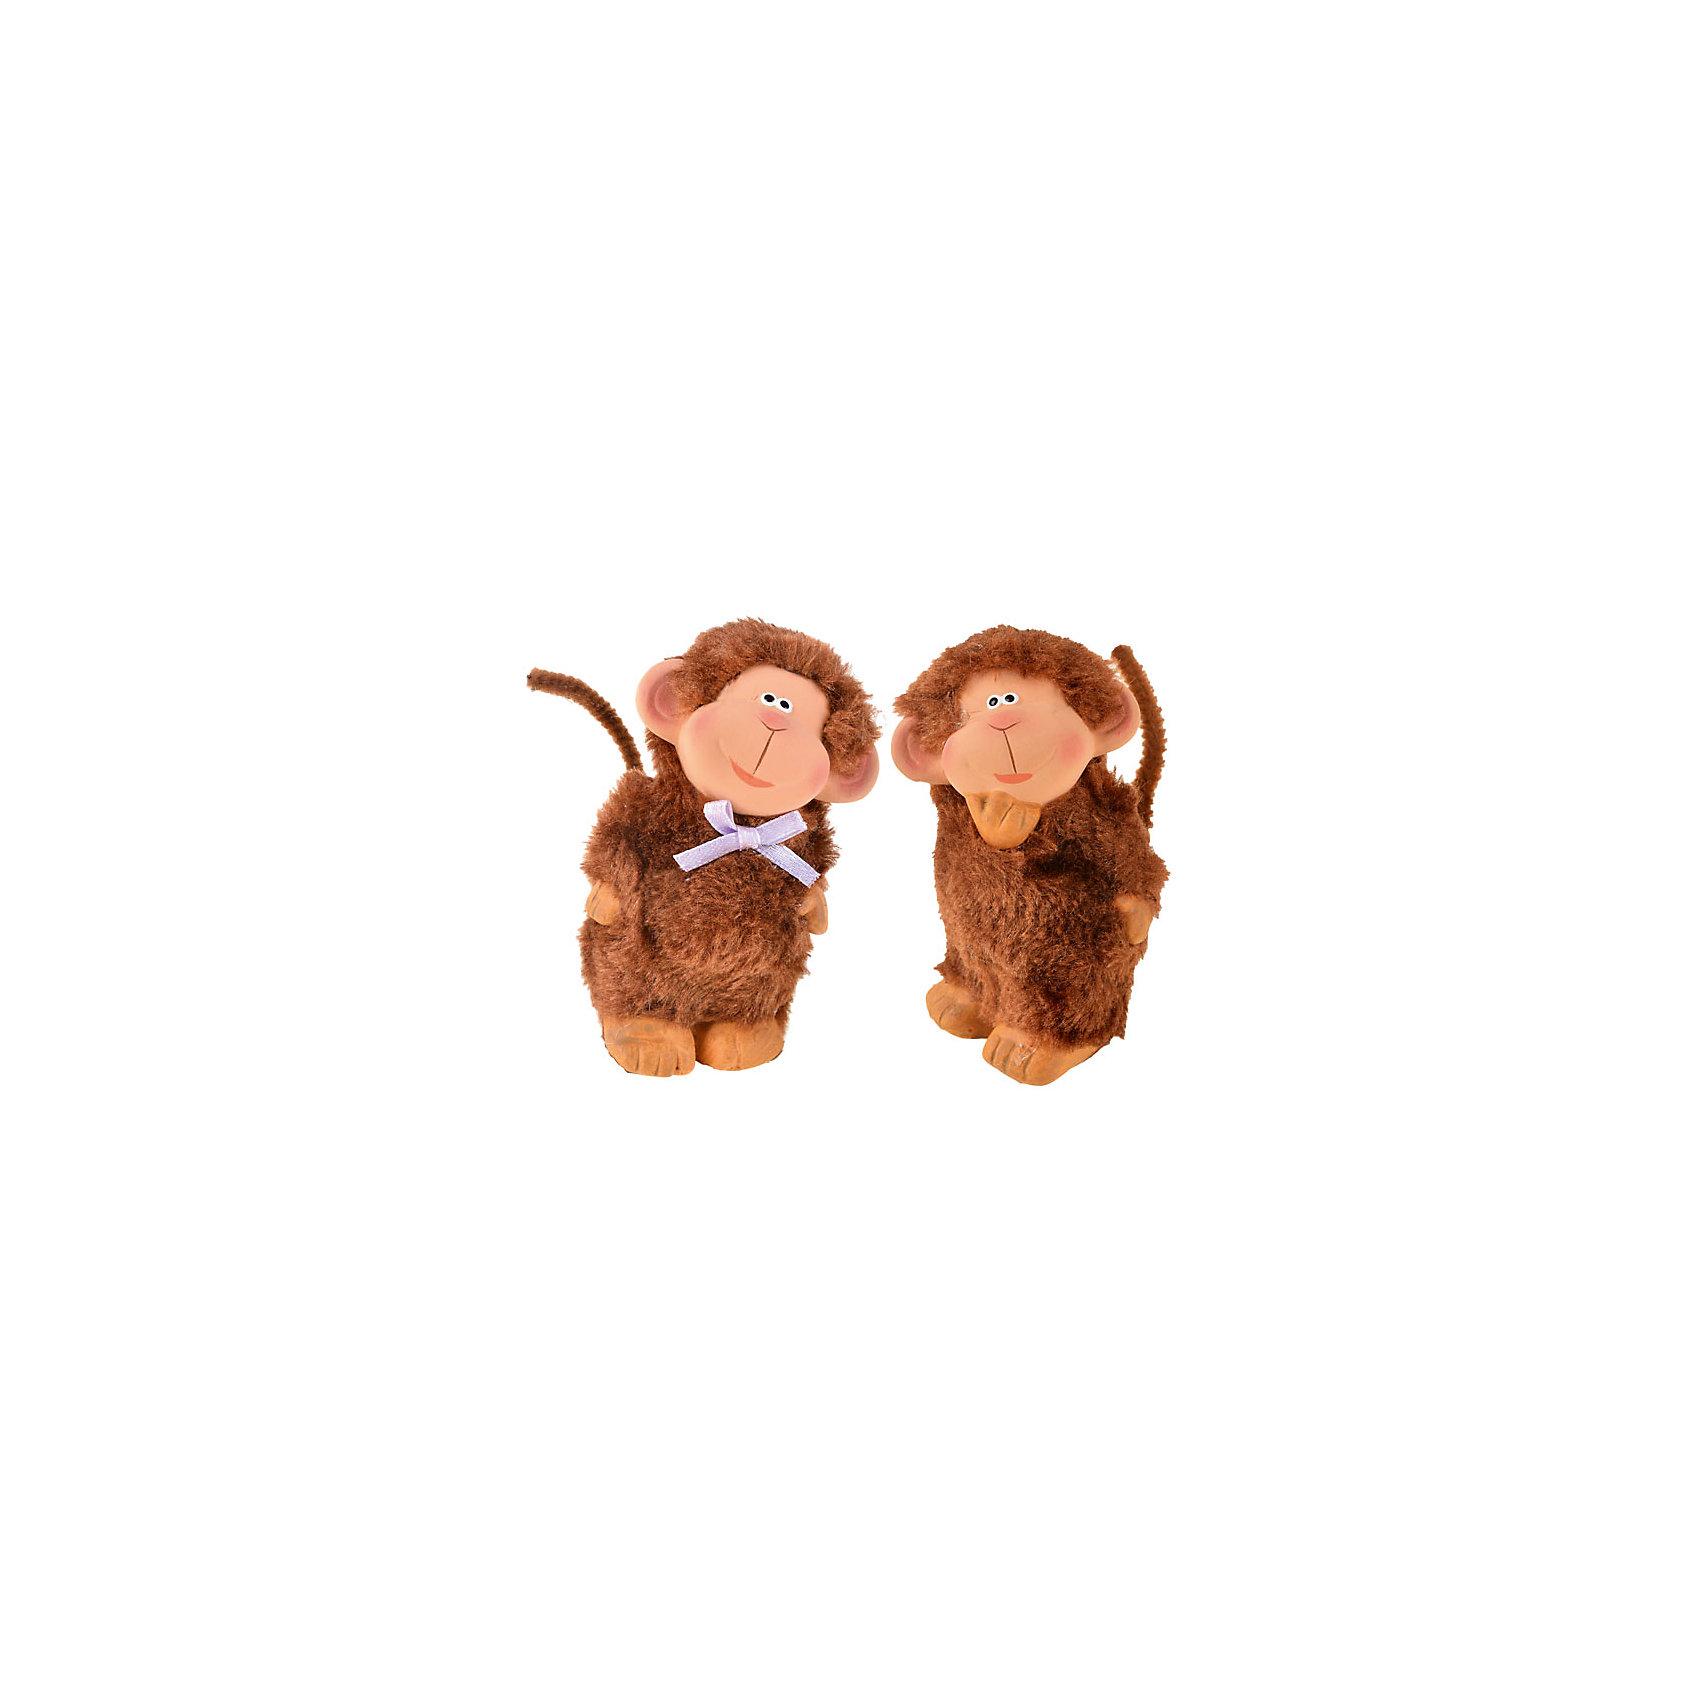 Фигурка керамическая Обезьяна,  в ассортиментеНовинки Новый Год<br>Фигурка керамическая Обезьяна,  в ассортименте – эта фигурка украсит интерьер и создаст праздничное настроение!<br>Фигурка в виде забавной обезьянки будет отличным презентом в преддверии Нового 2016 года, а также милым аксессуаром в праздничном интерьере. Обезьяна изготовлена из керамики. Ее шерсть сделана из искусственного меха, поэтому животное выглядит пушистым.<br><br>Дополнительная информация:<br><br>- Материал: керамика, мех<br>- 2 вида в ассортименте<br>- Размер упаковки: 4 х 9 см.<br>- Вес: 190 гр.<br>- ВНИМАНИЕ! Данный артикул представлен в разных вариантах исполнения. К сожалению, заранее выбрать определенный вариант невозможно. При заказе нескольких наборов возможно получение одинаковых<br><br>Фигурку керамическую Обезьяна, в ассортименте можно купить в нашем интернет-магазине.<br><br>Ширина мм: 40<br>Глубина мм: 40<br>Высота мм: 90<br>Вес г: 190<br>Возраст от месяцев: 36<br>Возраст до месяцев: 1188<br>Пол: Унисекс<br>Возраст: Детский<br>SKU: 4262234